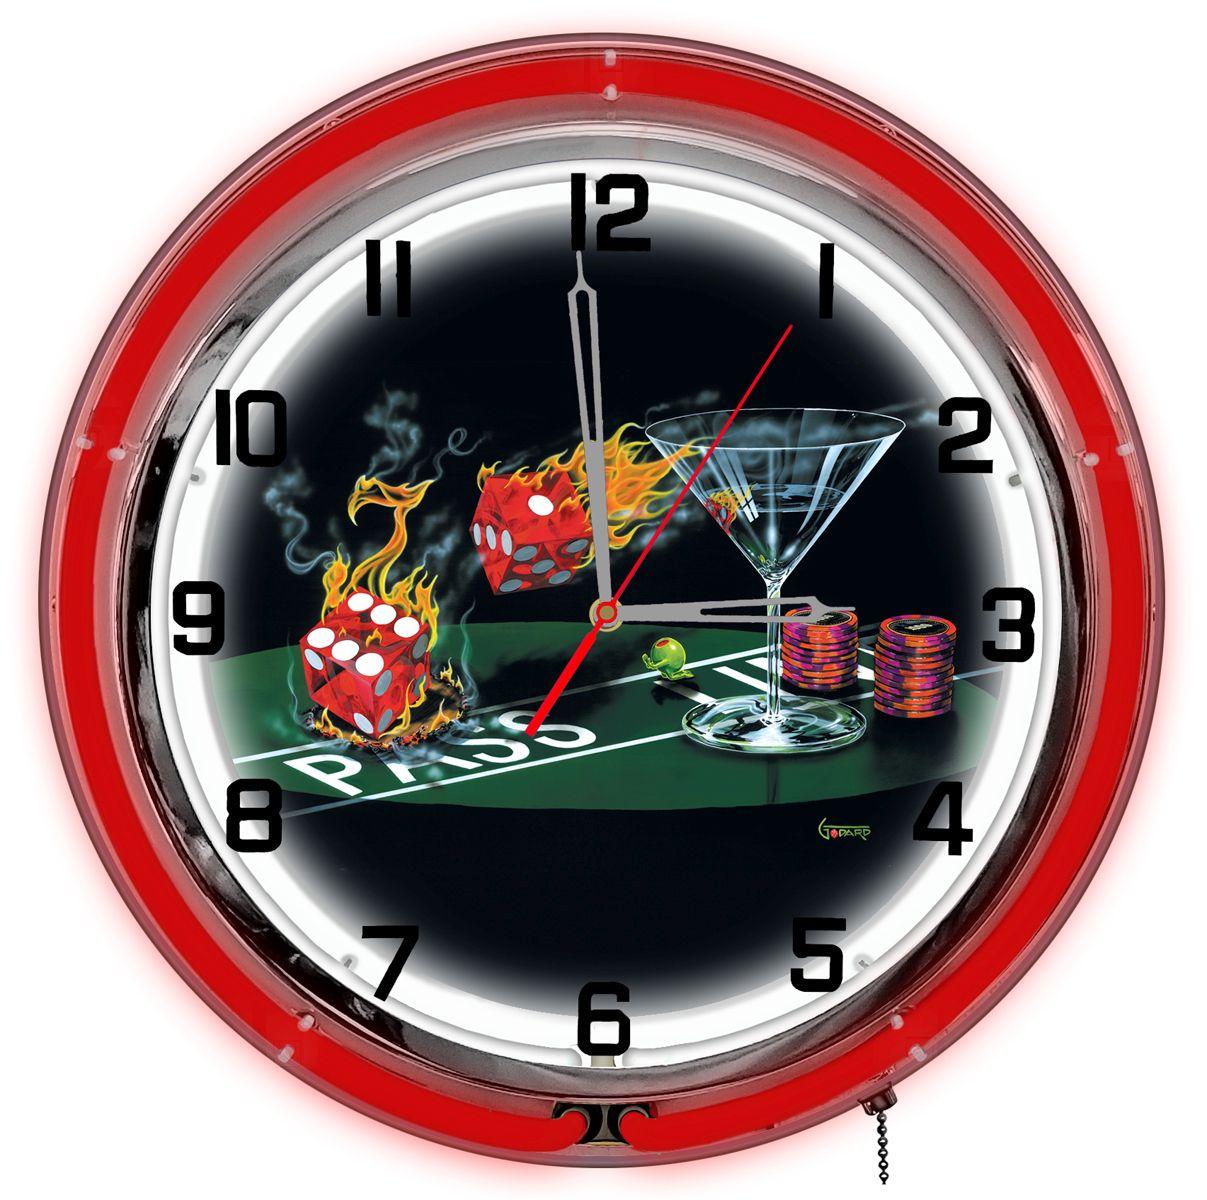 Petro Enterprises GODNC18-06 Praying For Seven 18 ft. Neon Clock